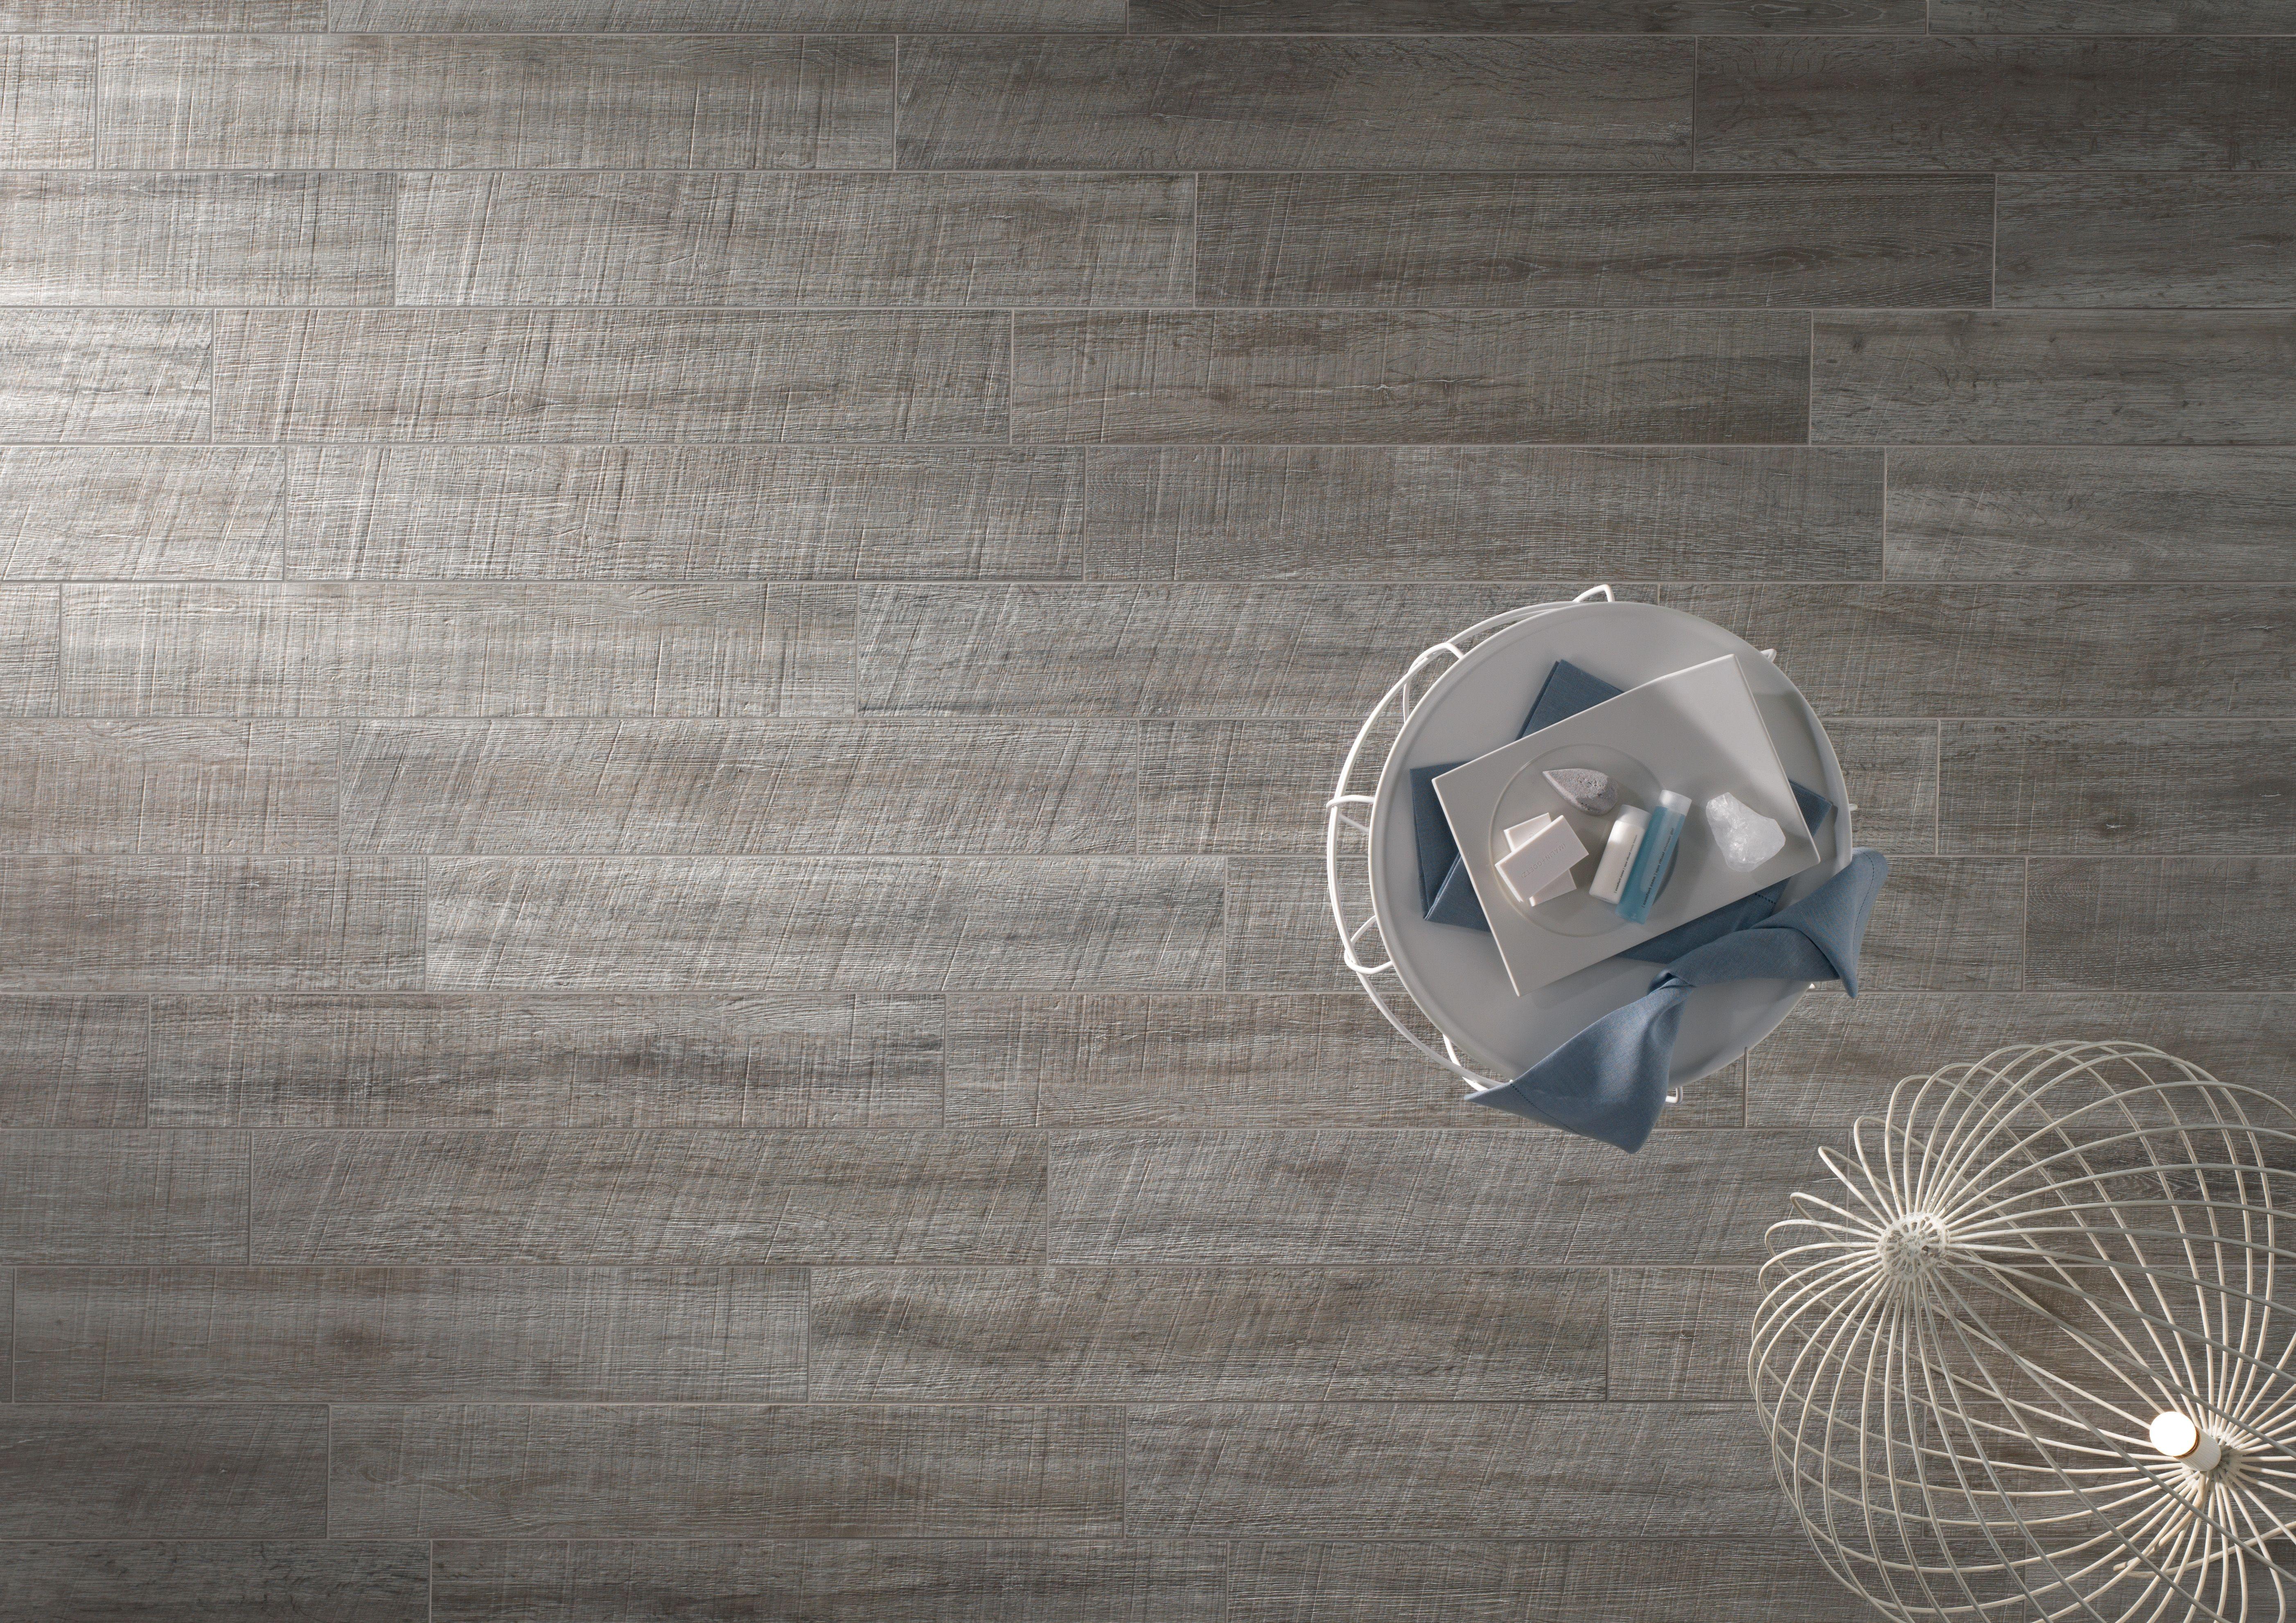 Gut Grau Ist Und Bleibt Eine Trendfarbe Bei Fliesen. In Kombination Mit Dem  Vintagestyle In Holzoptik Trifft Die Fliese Lendinara Den Trend Der Zeit.